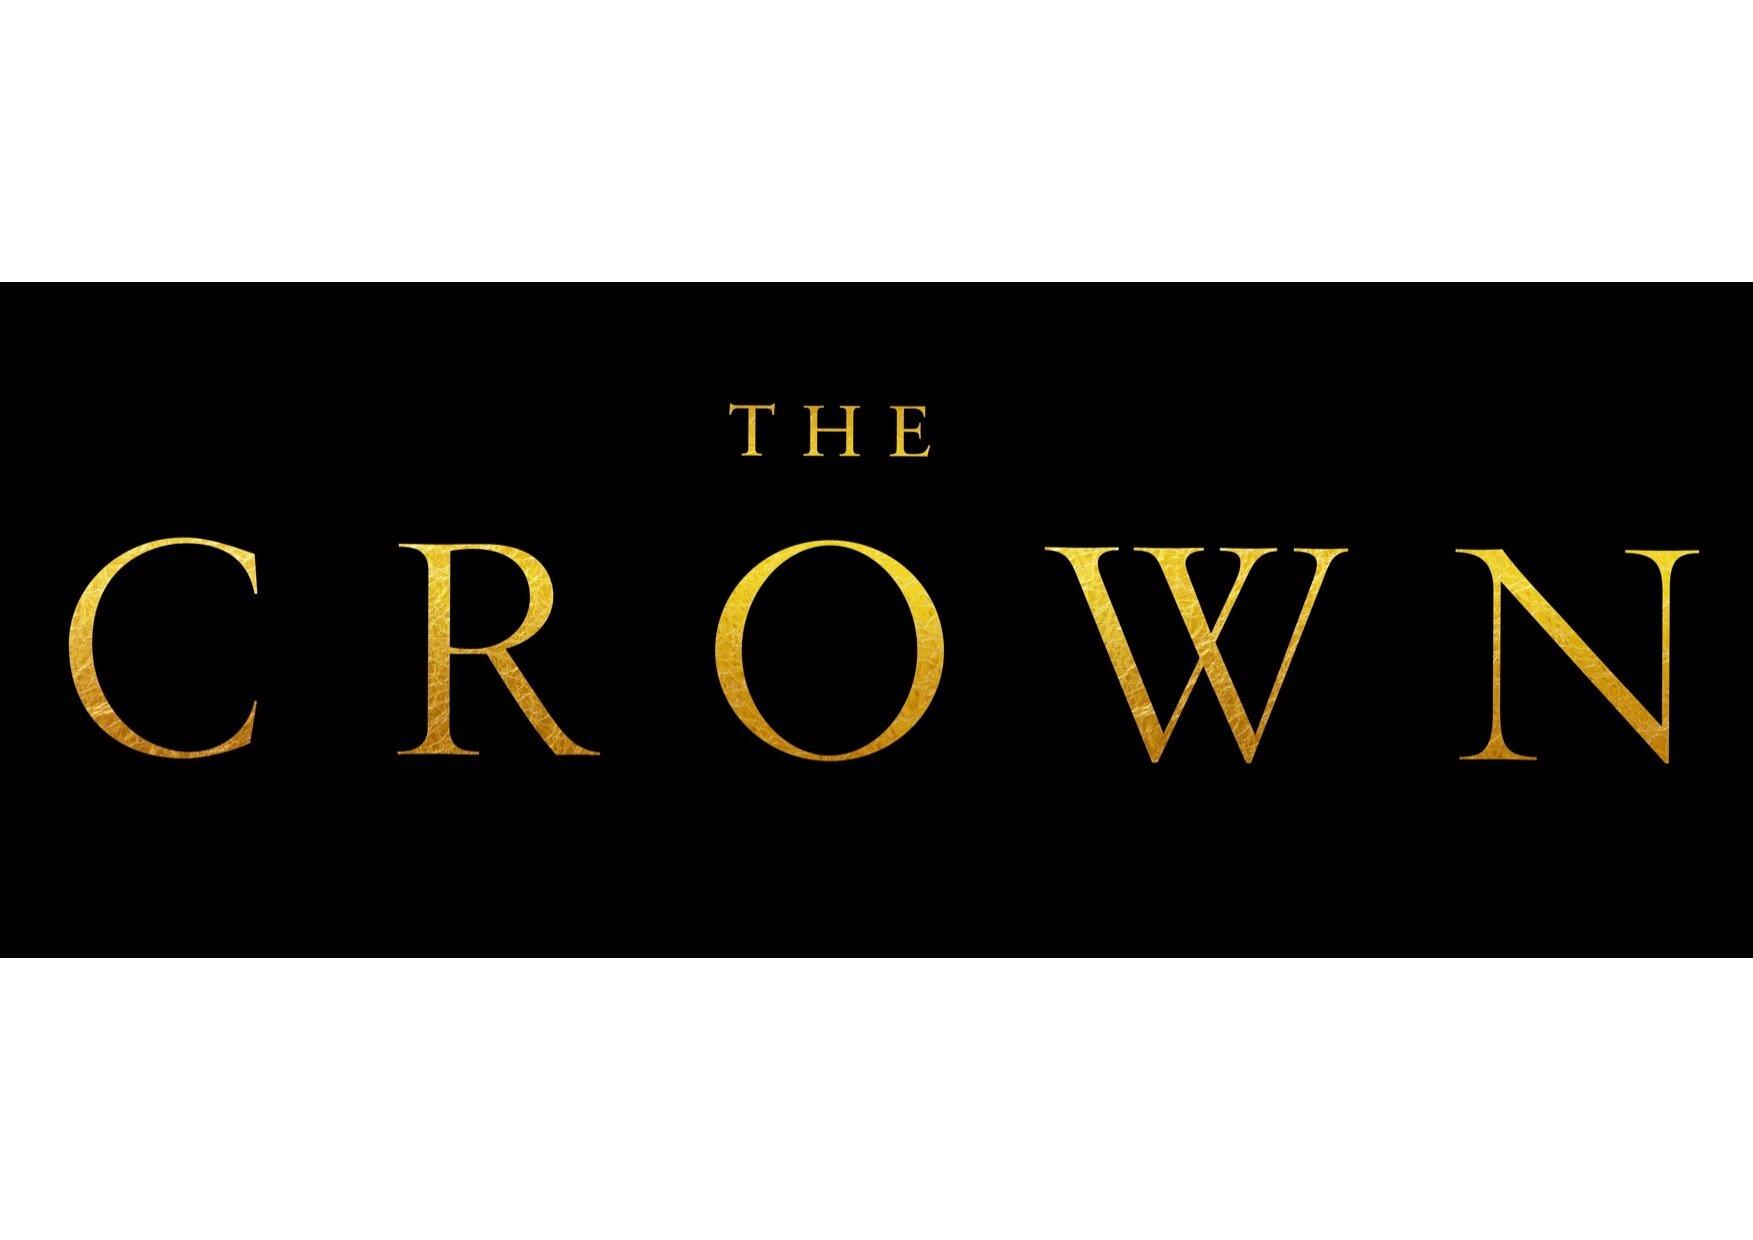 TheCrownS2_TT_Layered_ENG.jpg